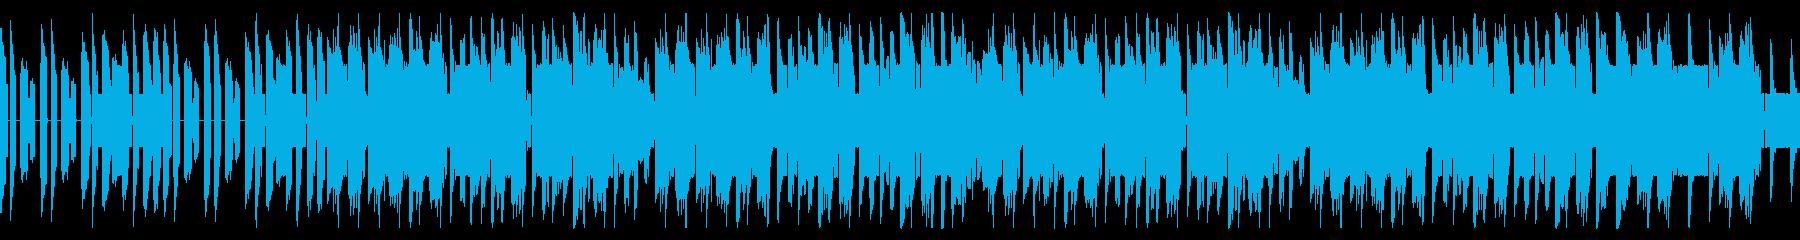 昔ながらのレトロな8bit戦闘BGMの再生済みの波形